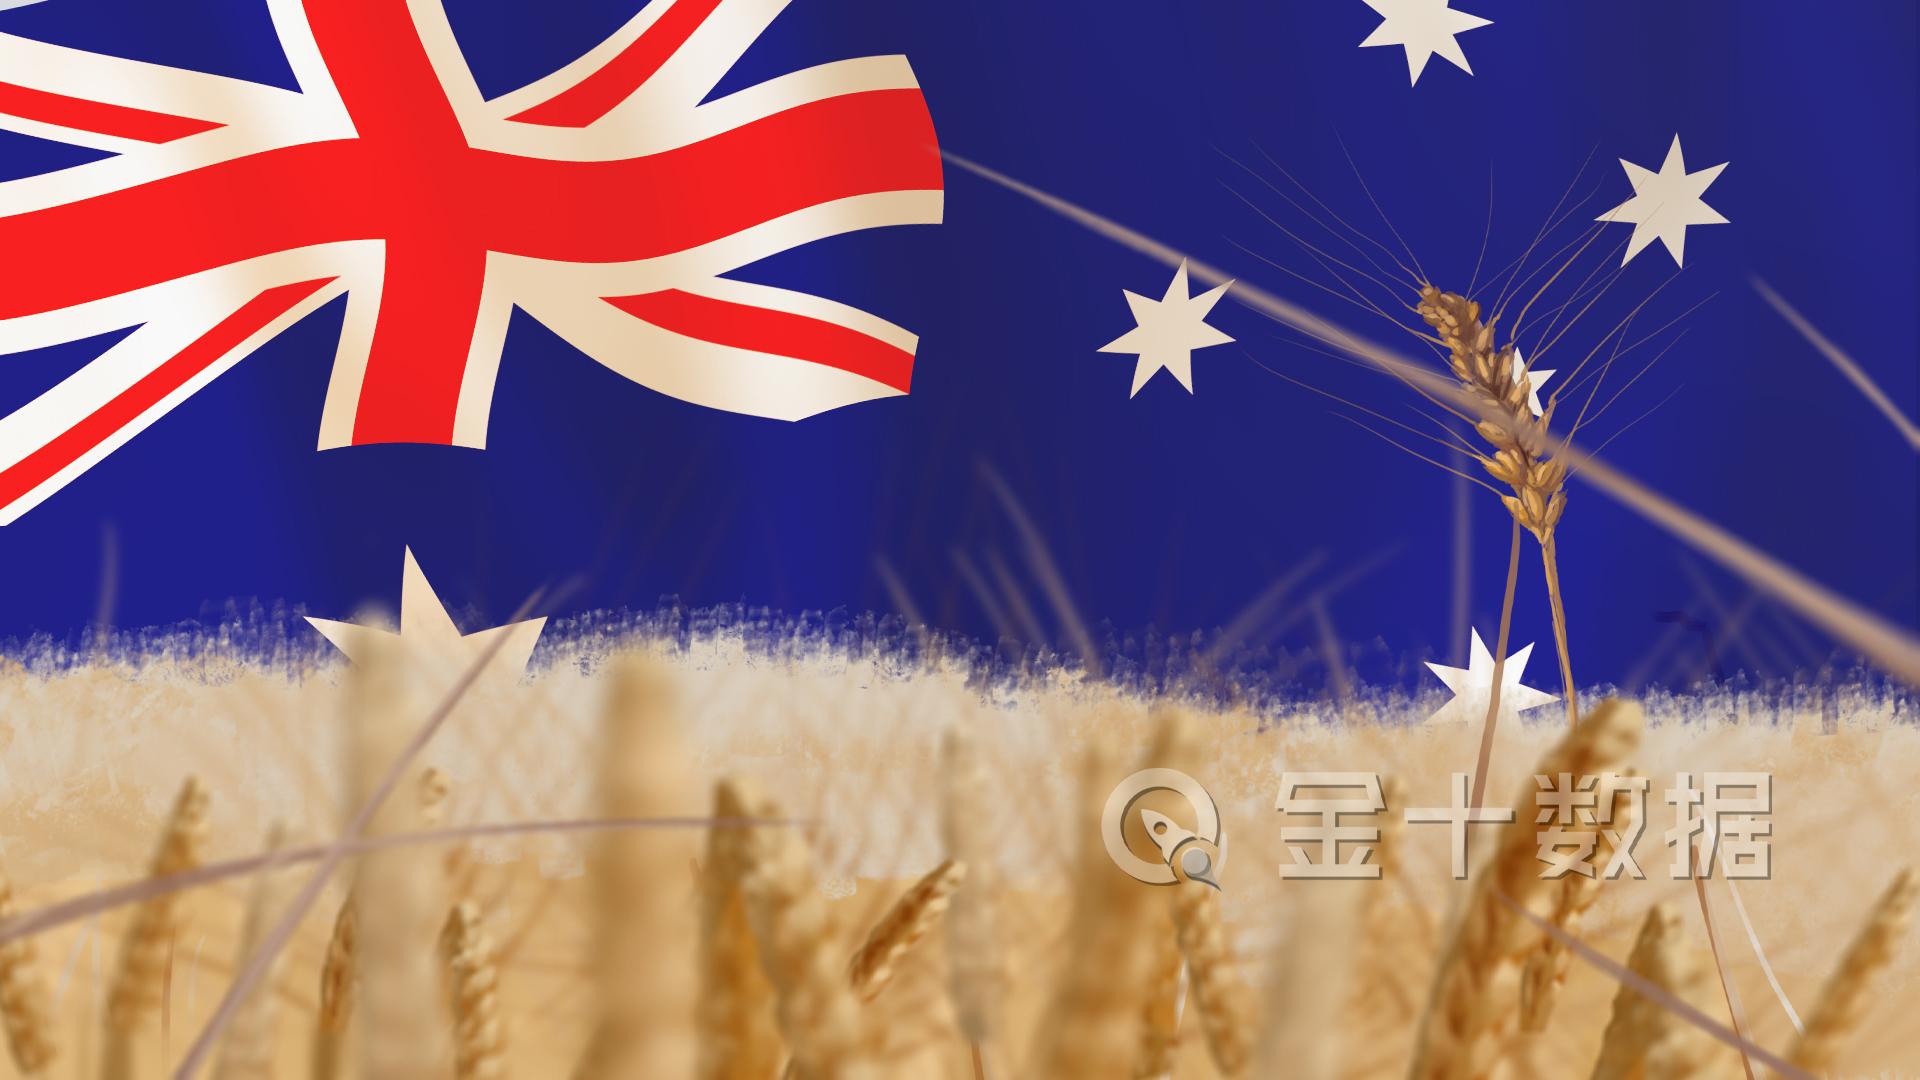 澳大利亚又遭坏消息:商业投资或跌近760亿!中国买家仍不愿入局